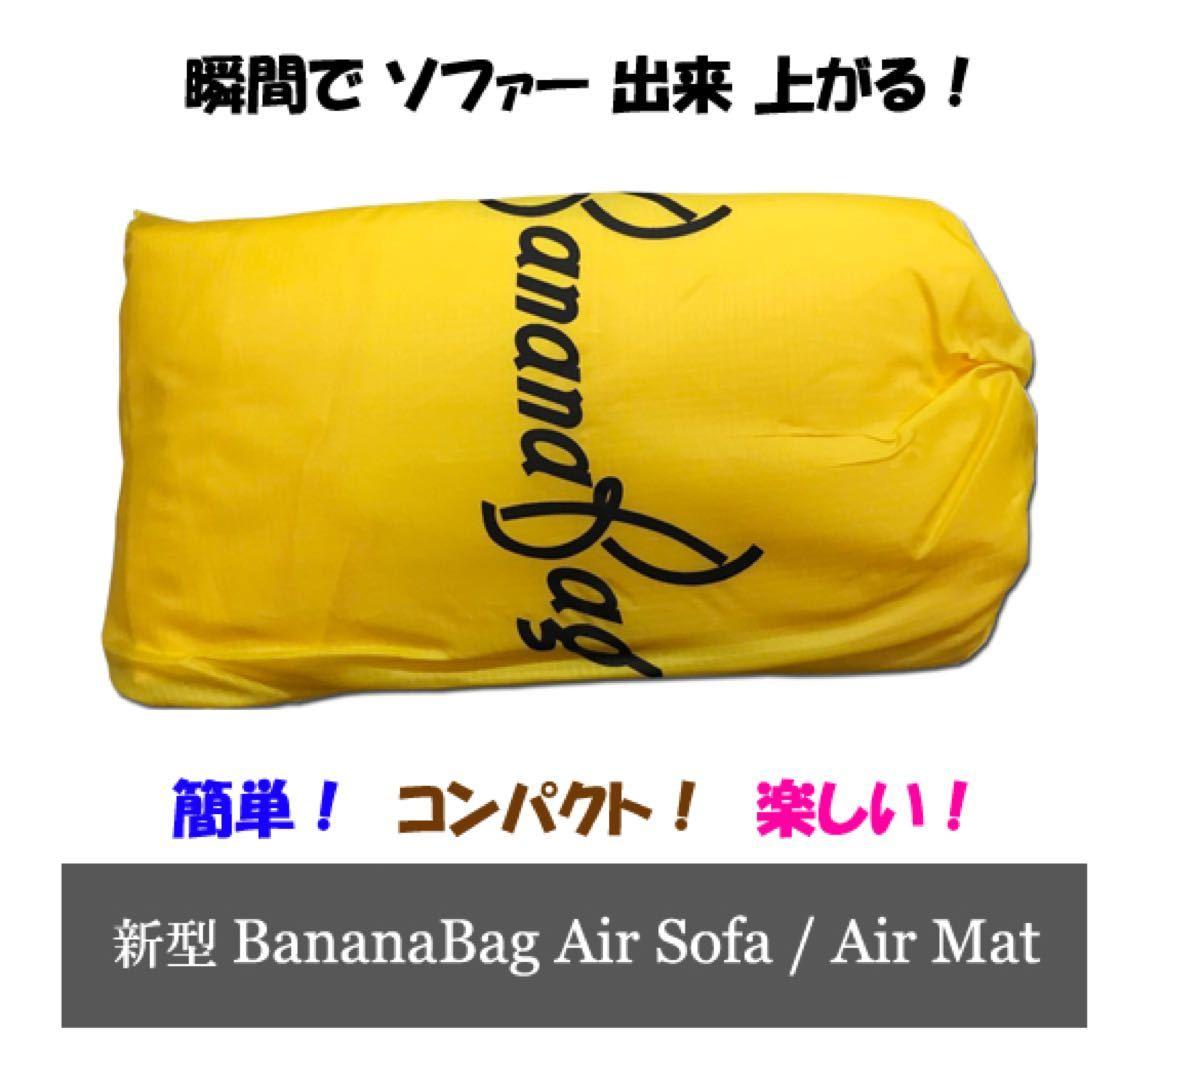 新型BananaBag エアーソファーマット 色(エイロー)